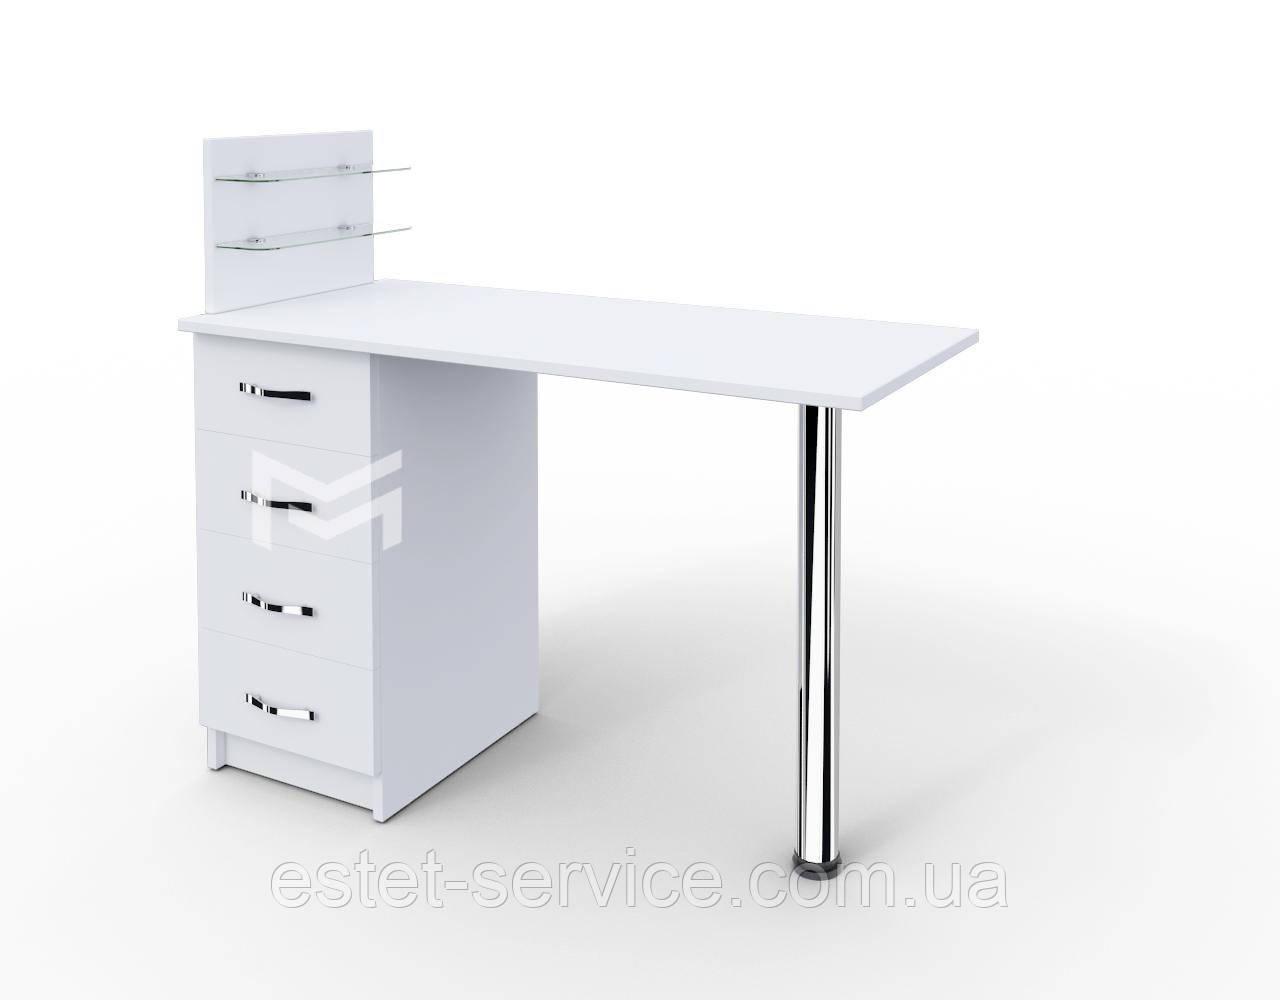 Маникюрный стол Классик c стеклянными полочками под лак